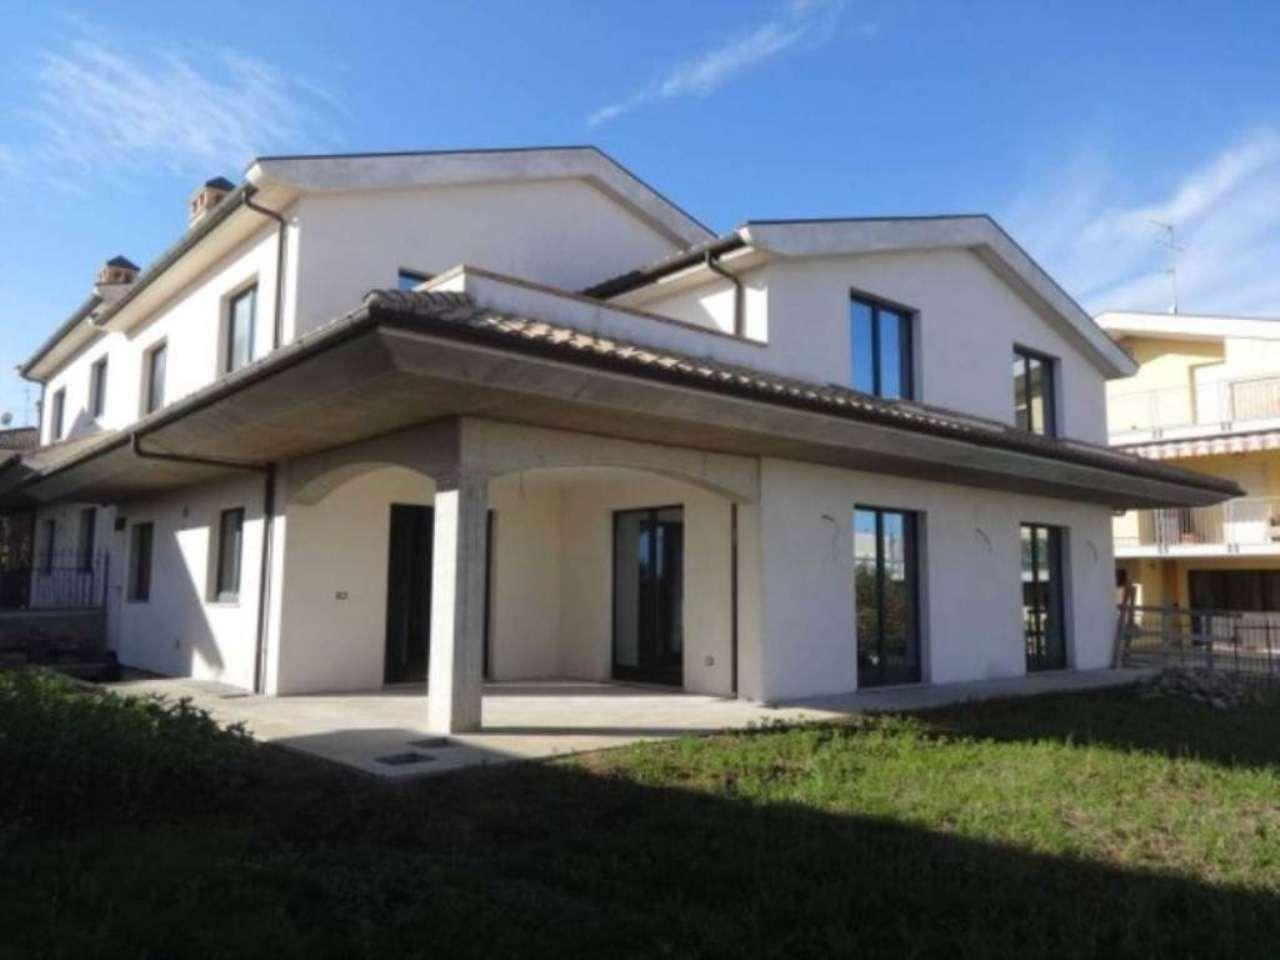 Villa in vendita a Città Sant'Angelo, 4 locali, prezzo € 480.000 | Cambio Casa.it